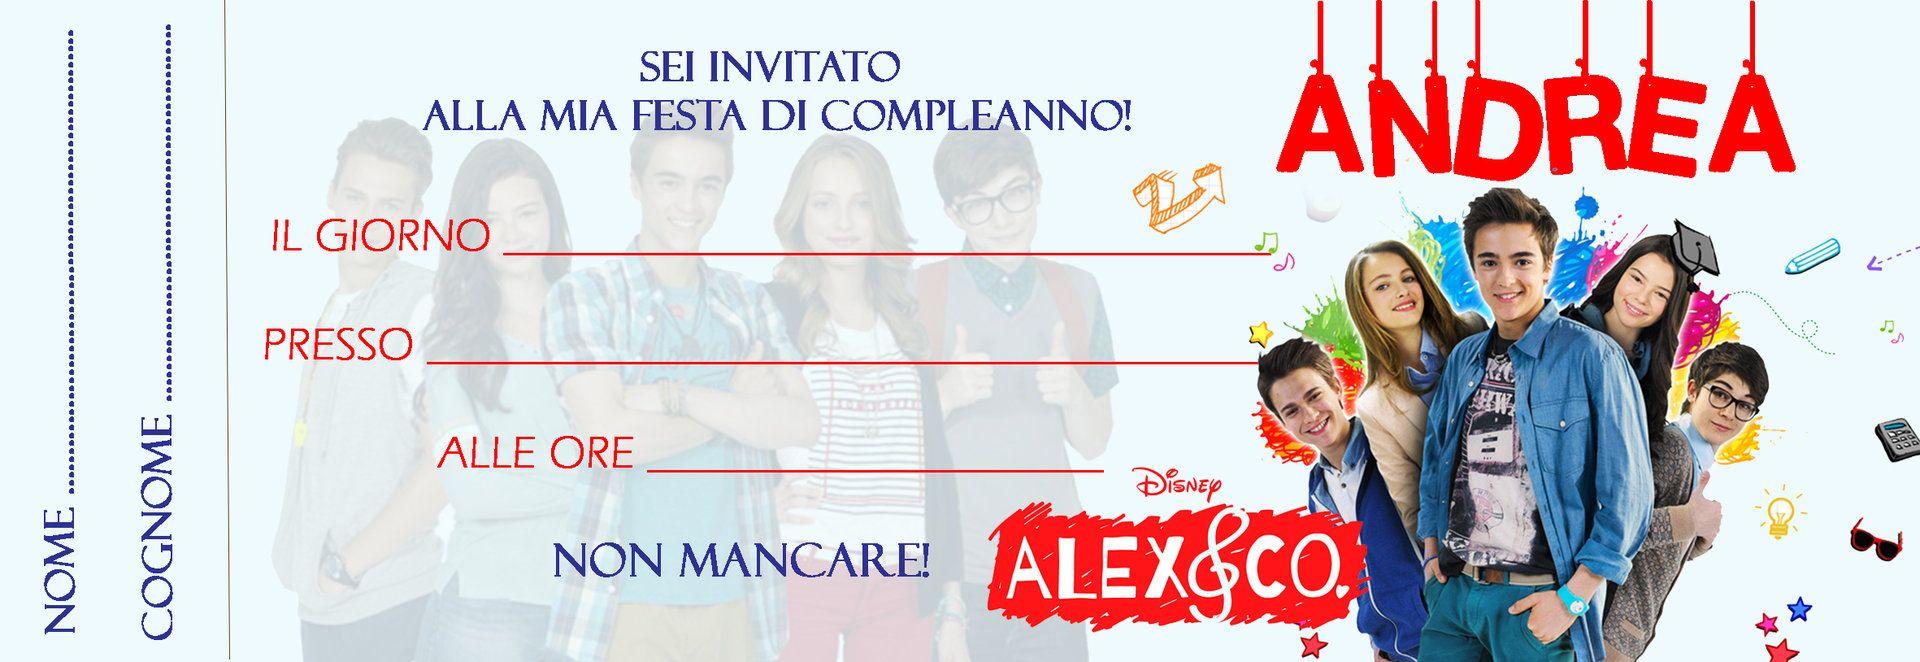 Inviti Alex Co Inviti Per Feste Personalizzabili Pinterest